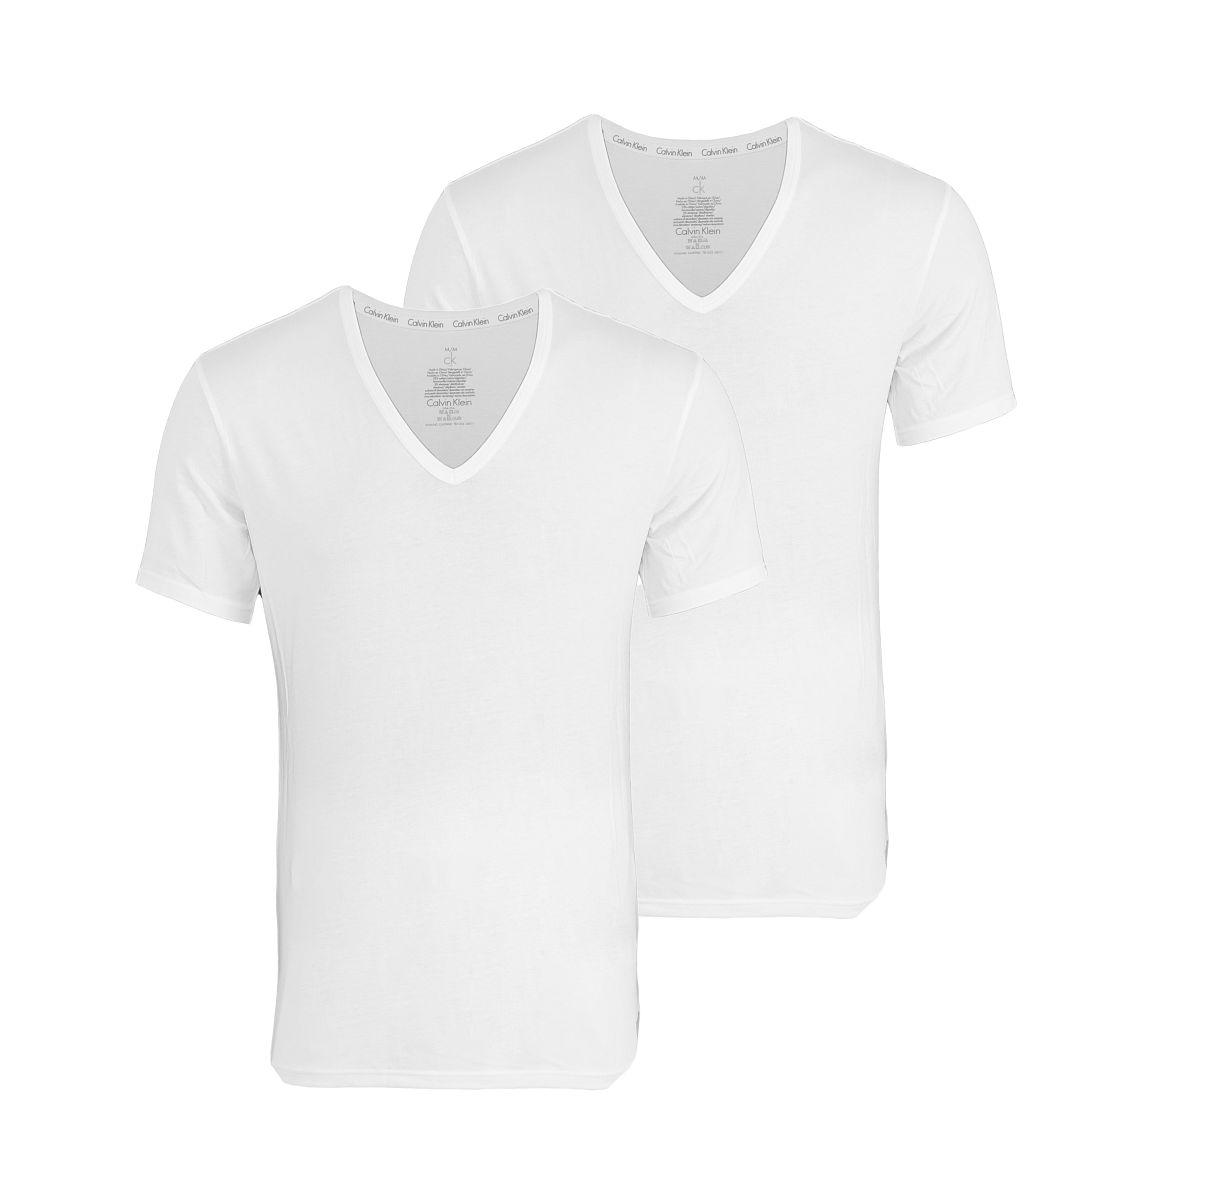 Calvin Klein 2er Pack T-Shirts Tee-Shirts CK16 V-Ausschnitt weiß